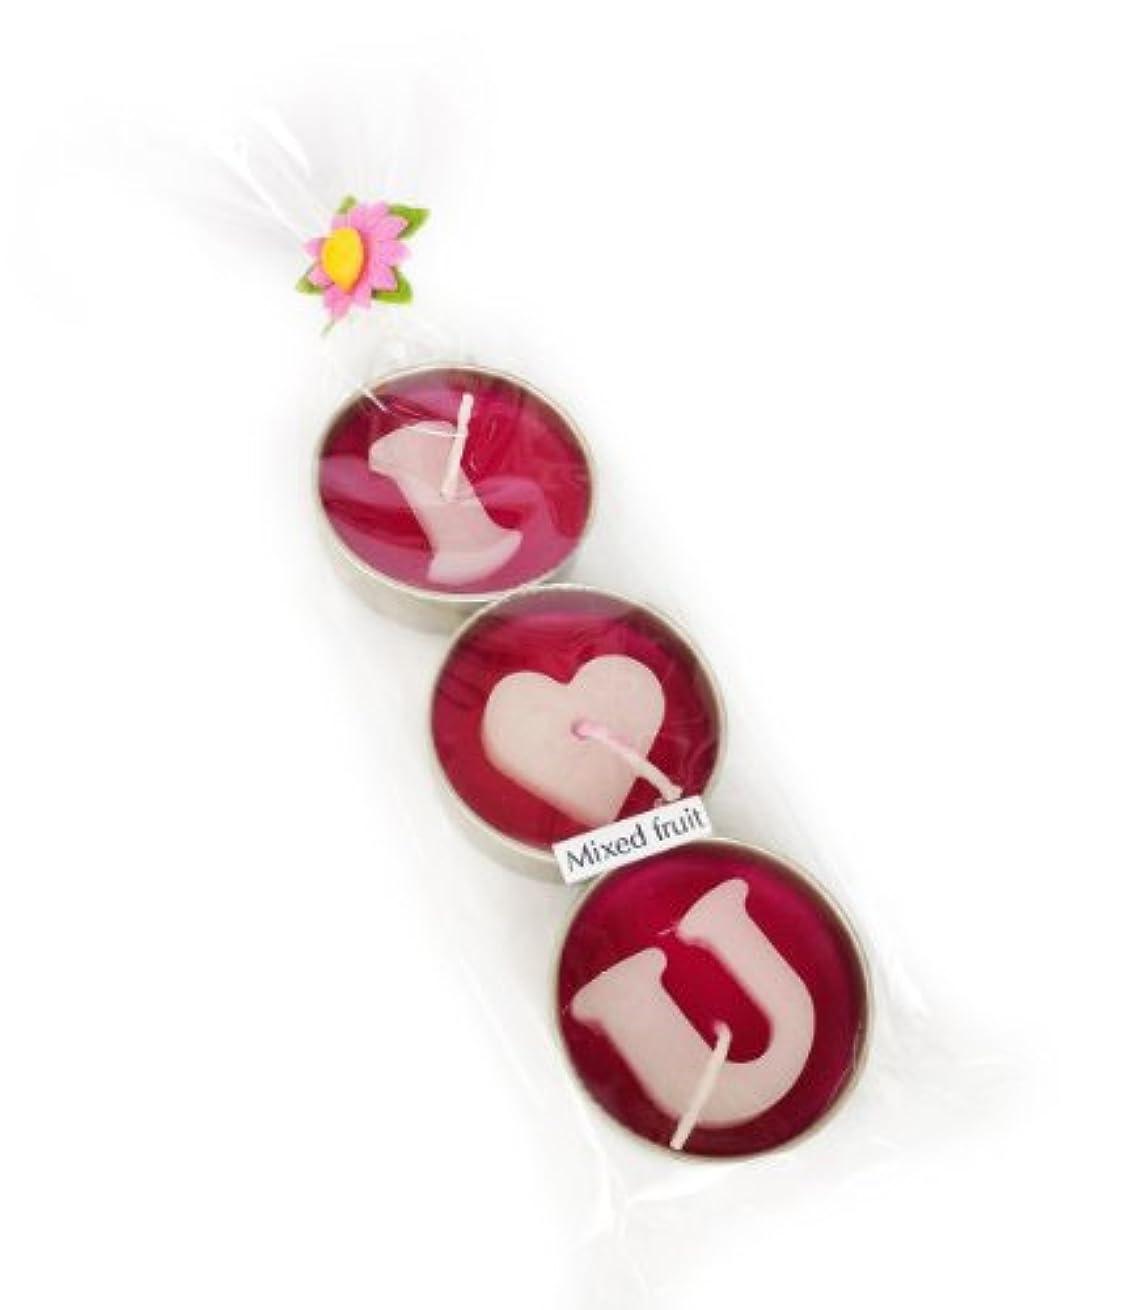 置換守る記者アロマキャンドル/ラブキャンドル/ILoveU/モーク/ロウソク/ろうそ/1パック3個入り/(1Pack  3pc I love U Candle) (Mixed Fruit)